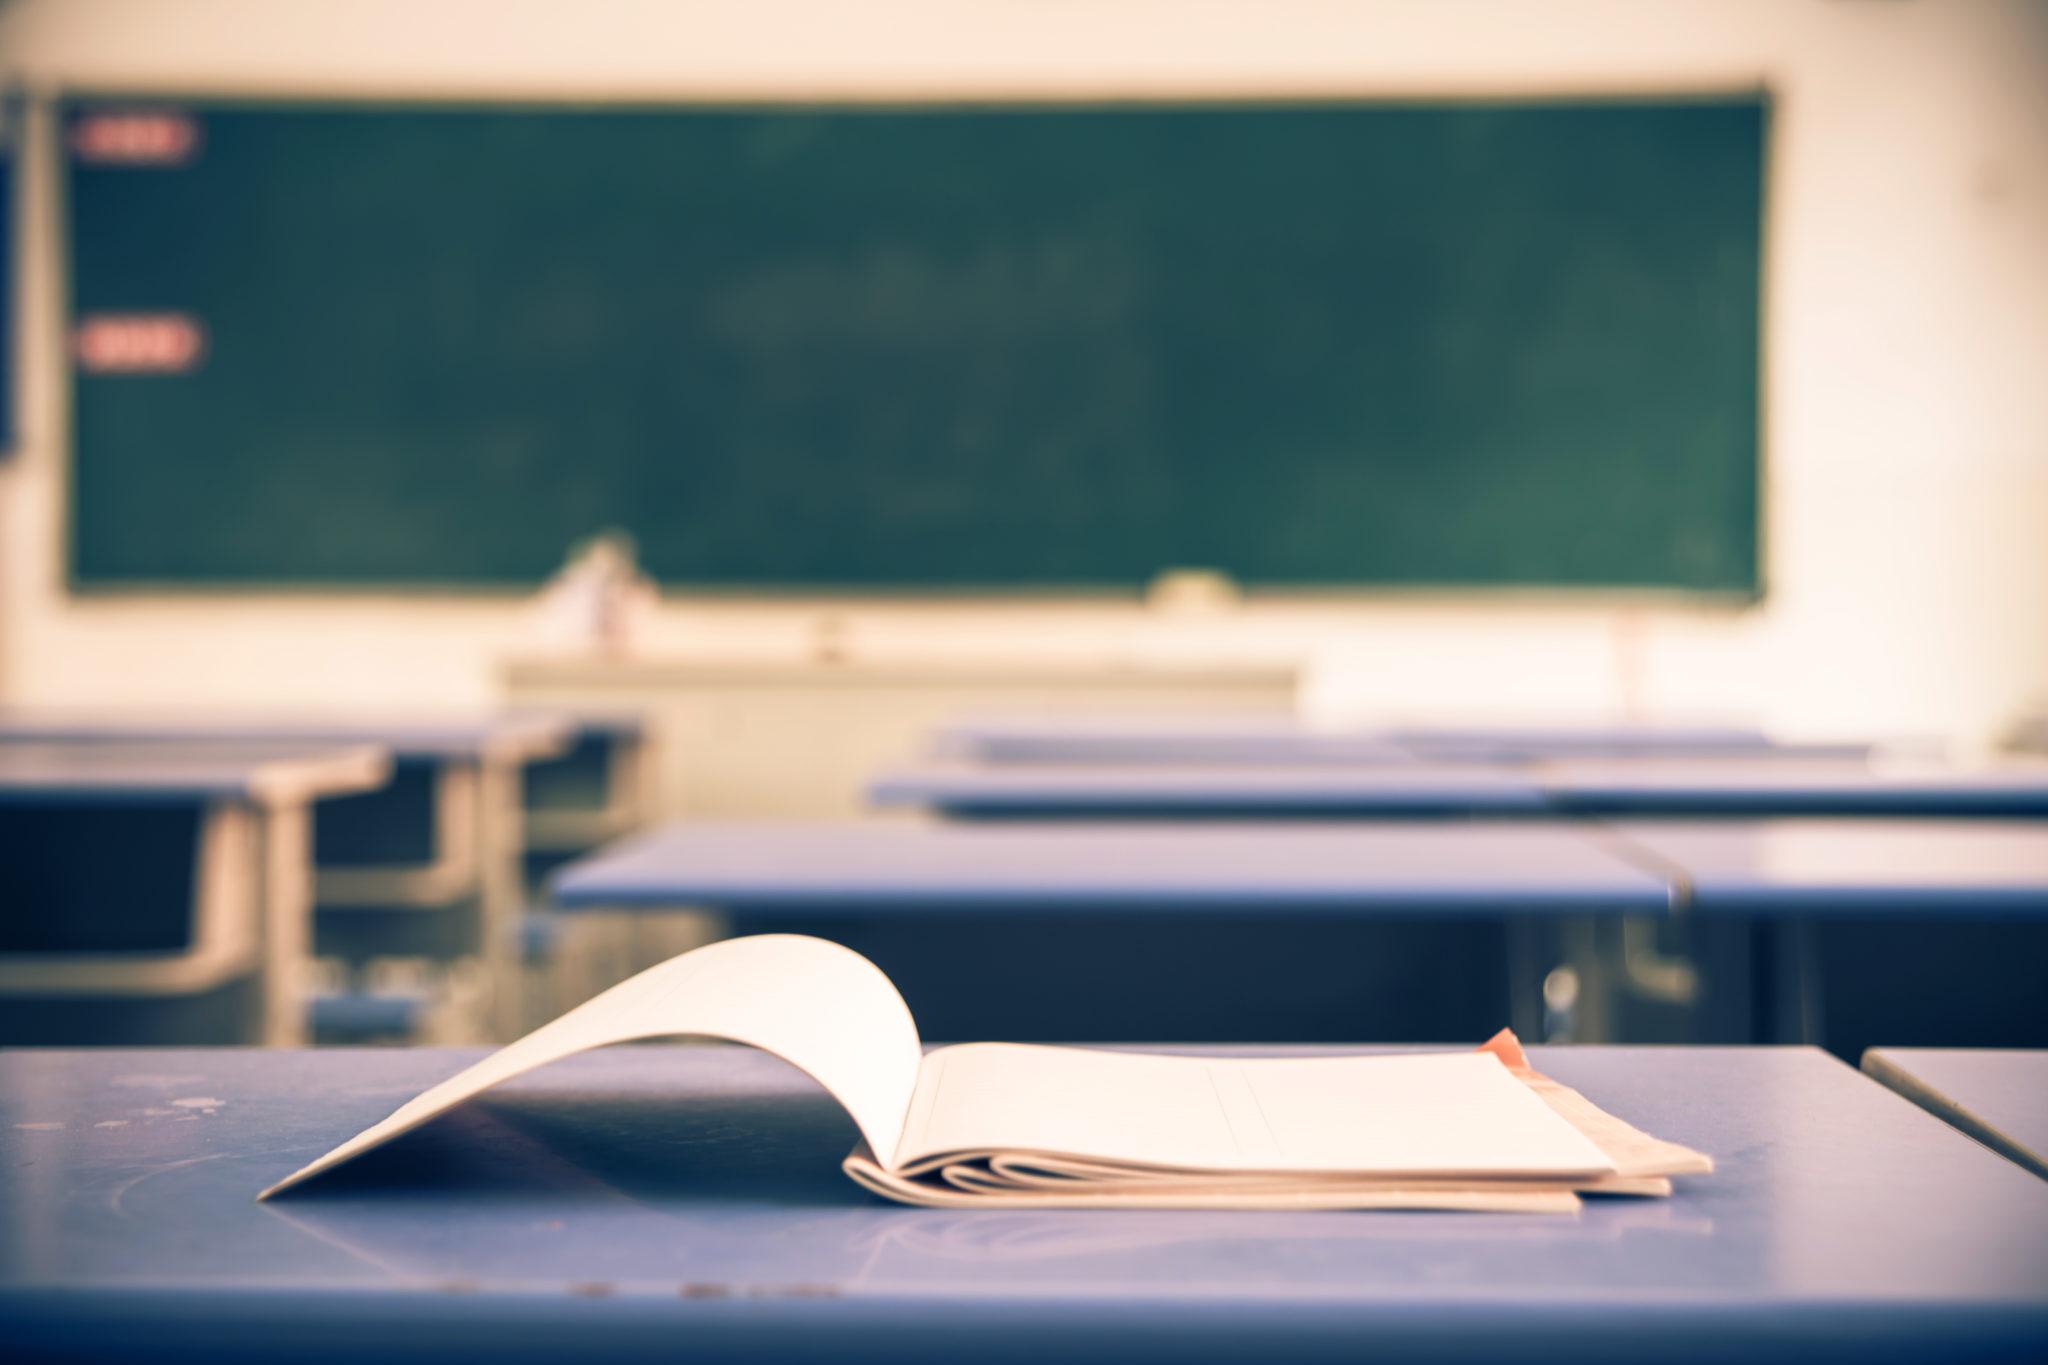 ¡URGENTE! Nuevas Vacantes de Profesor de Secundaria en Oviedo, ÚLTIMO DÍA para vacante de profesor de secundaria, Trabajos de Profesor en Oviedo - CVExpres